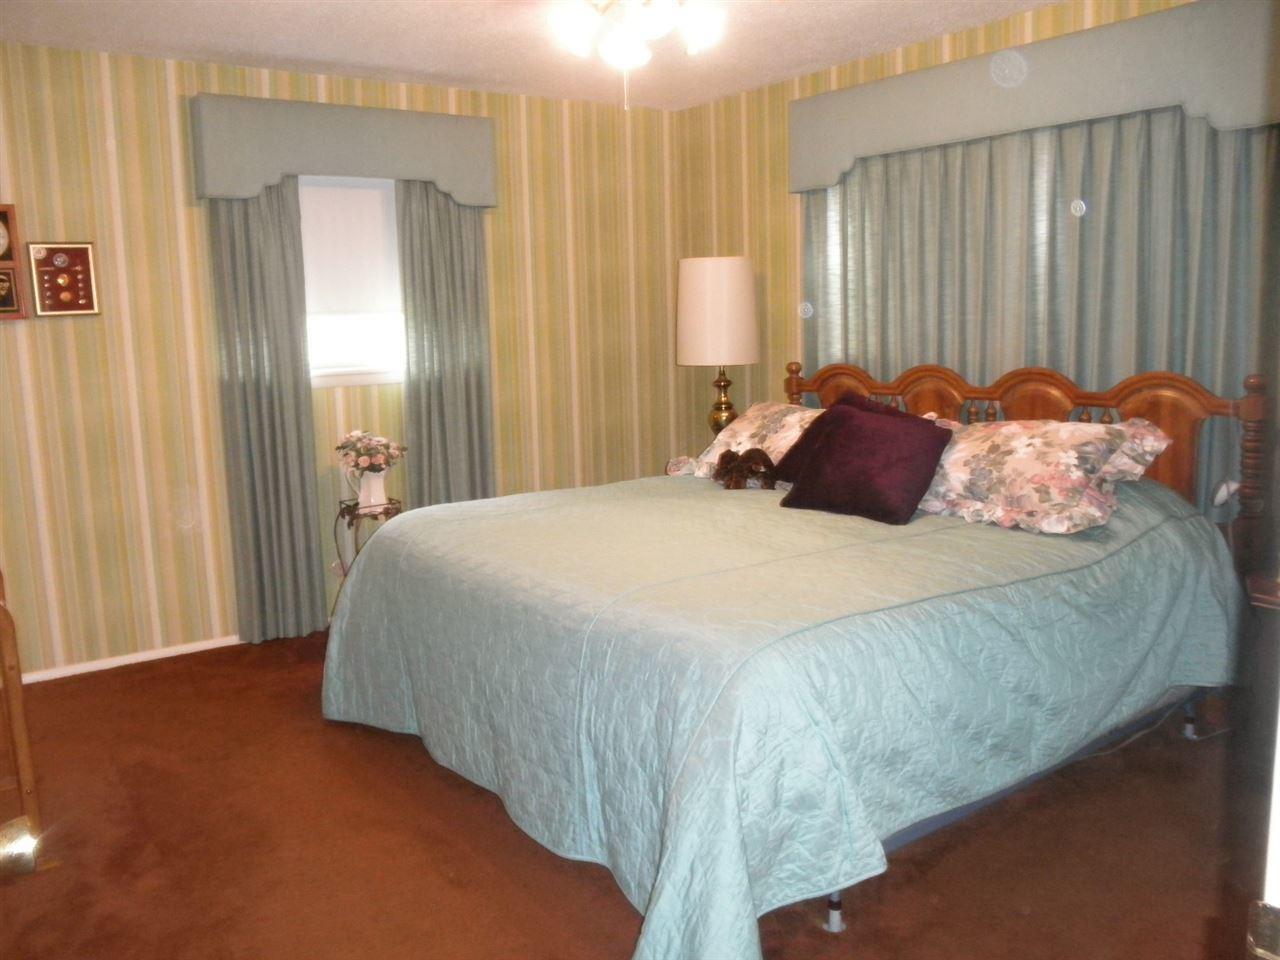 Sold Cross Sale W/ MLS | 1209 El Camino Ponca City, OK 74604 13